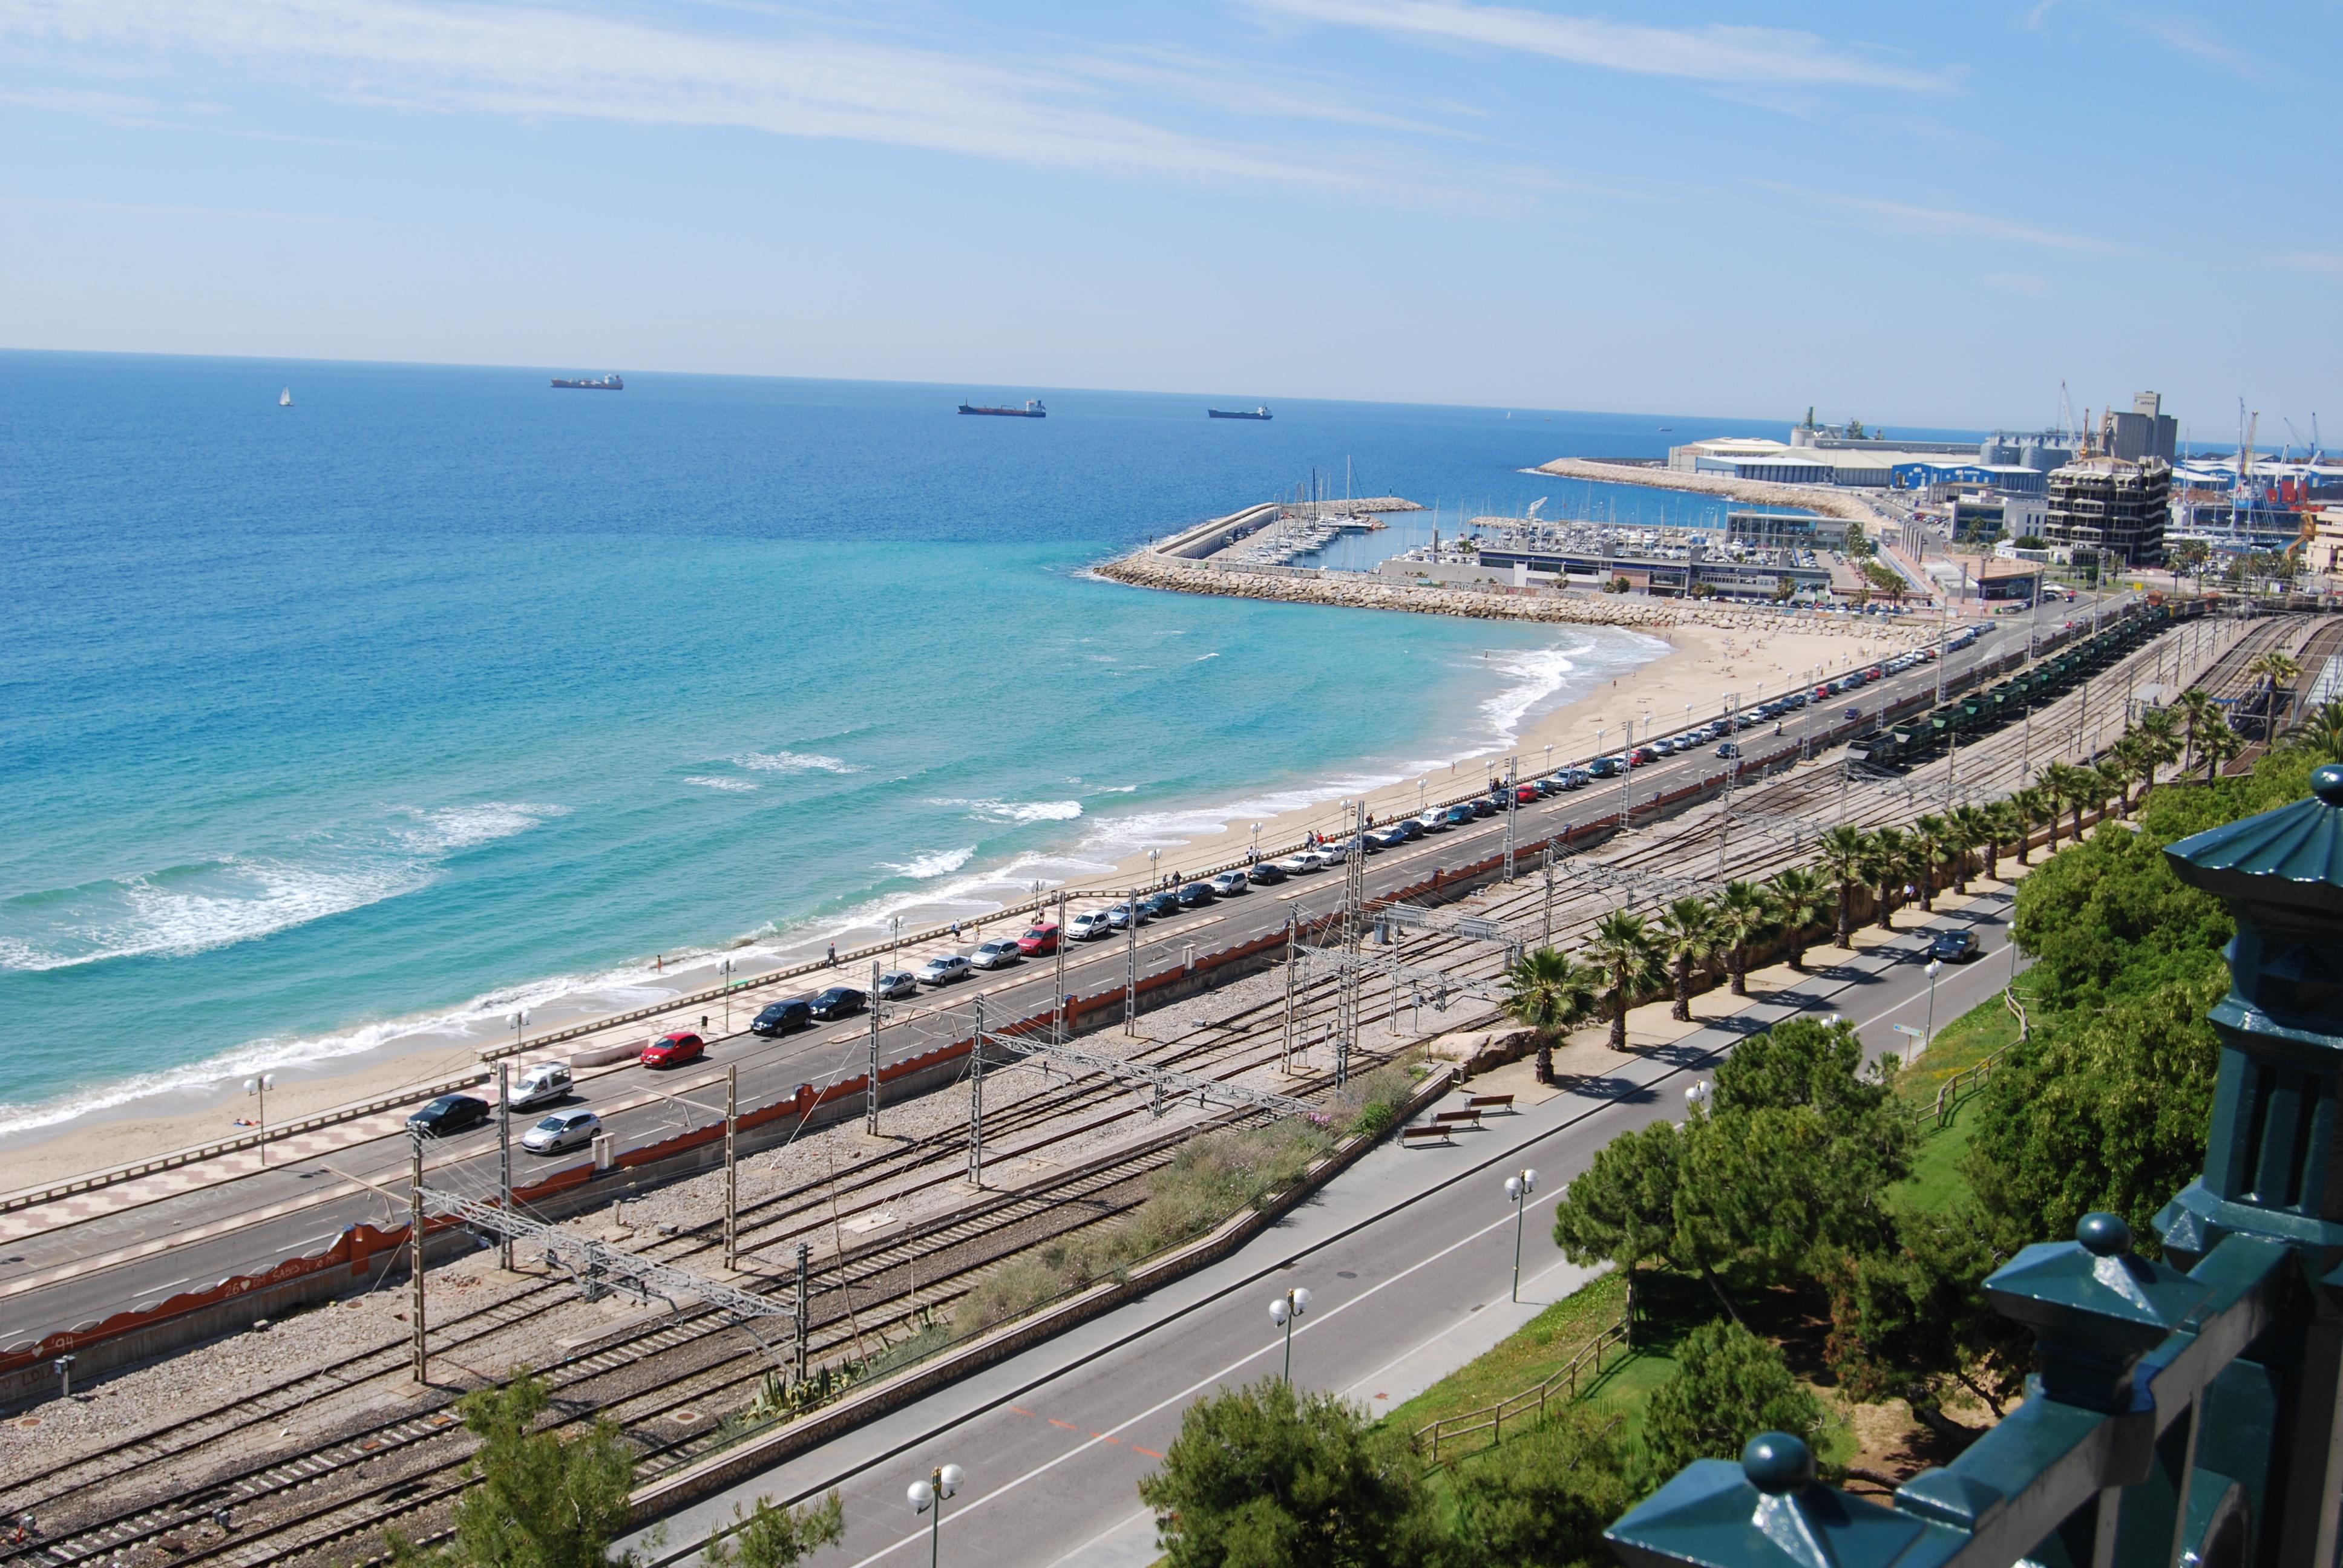 Playa de tarragona desde el mirador del mediterr neo for Mirador del mediterraneo